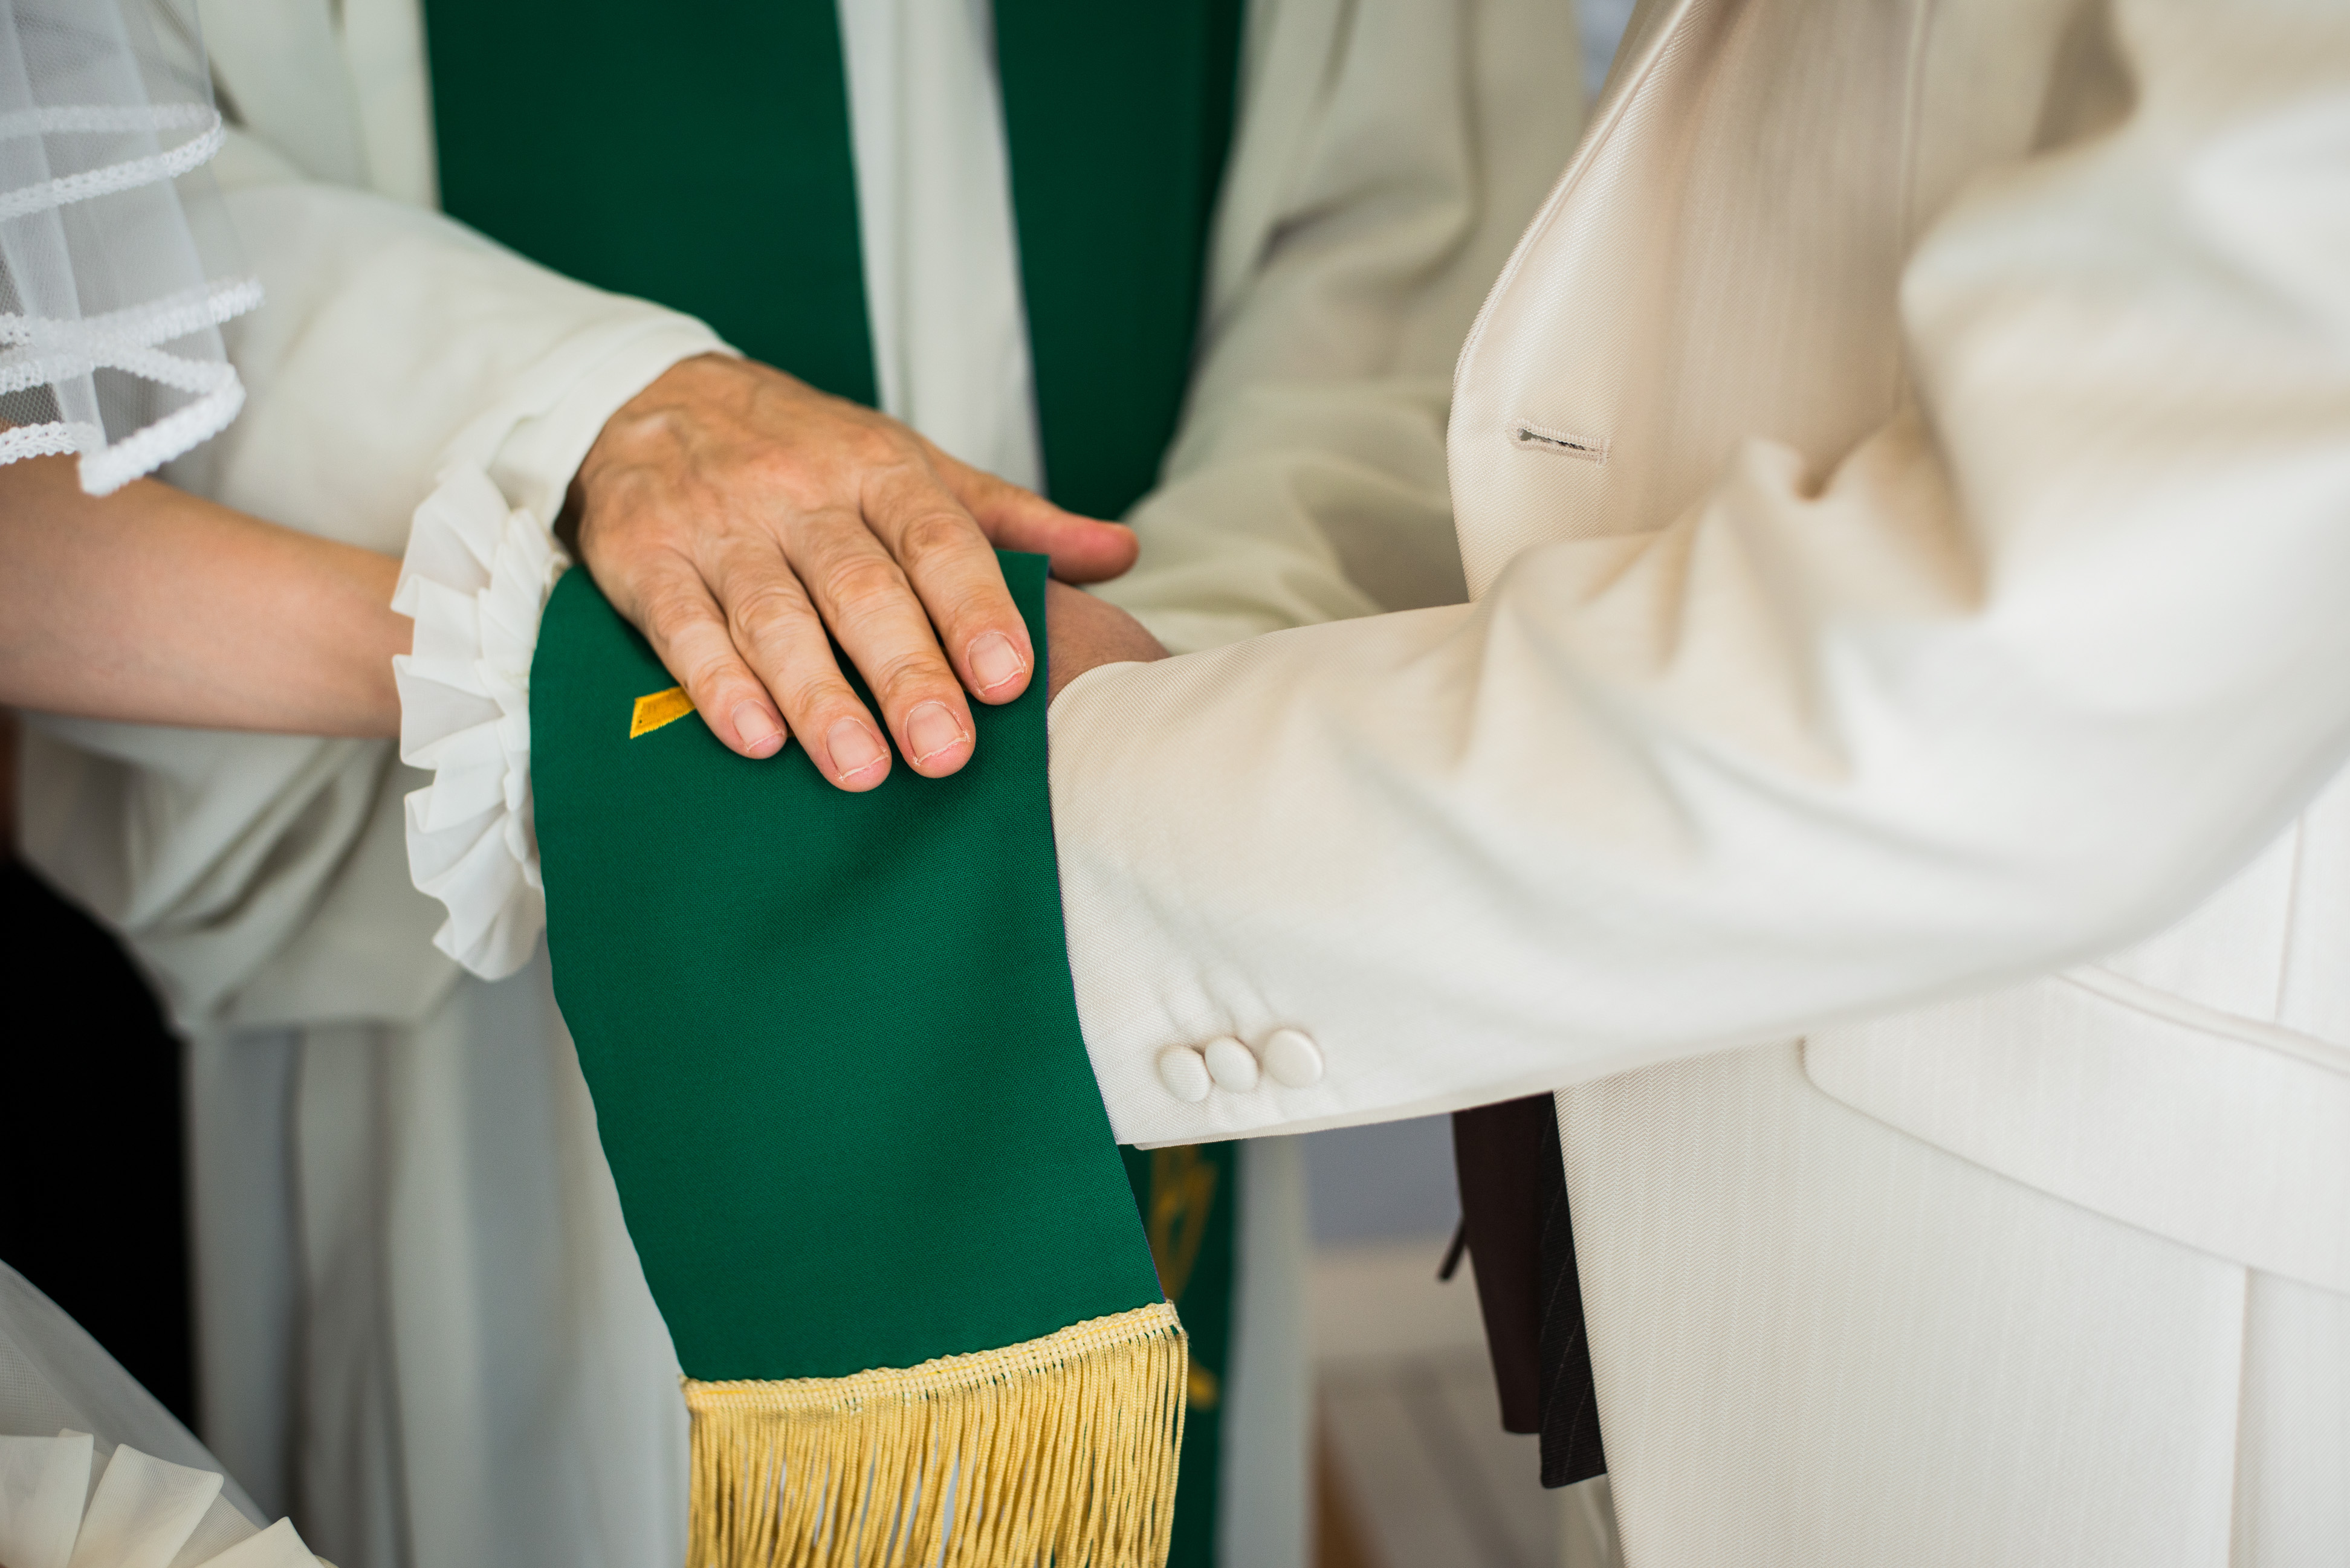 ナシ婚を選ぶ人たちの問題を解決するPOINT